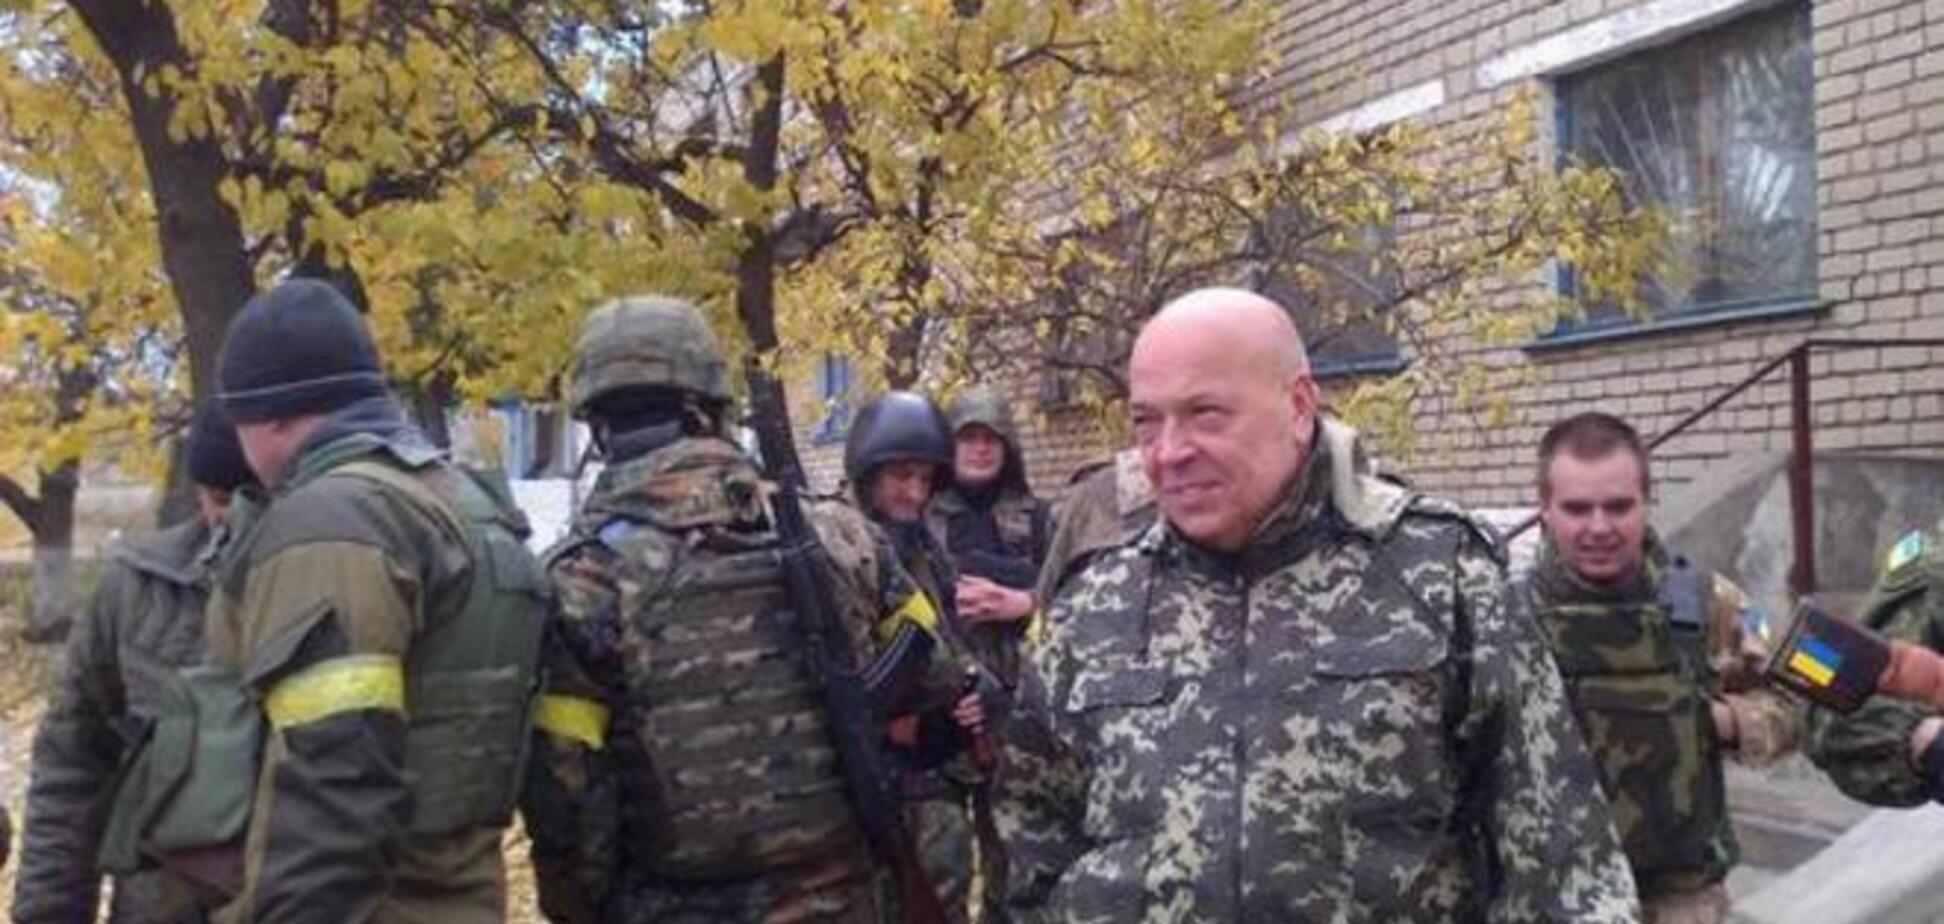 Украинская армия освободила Крымское от террористов 'ЛНР': опубликованы фото